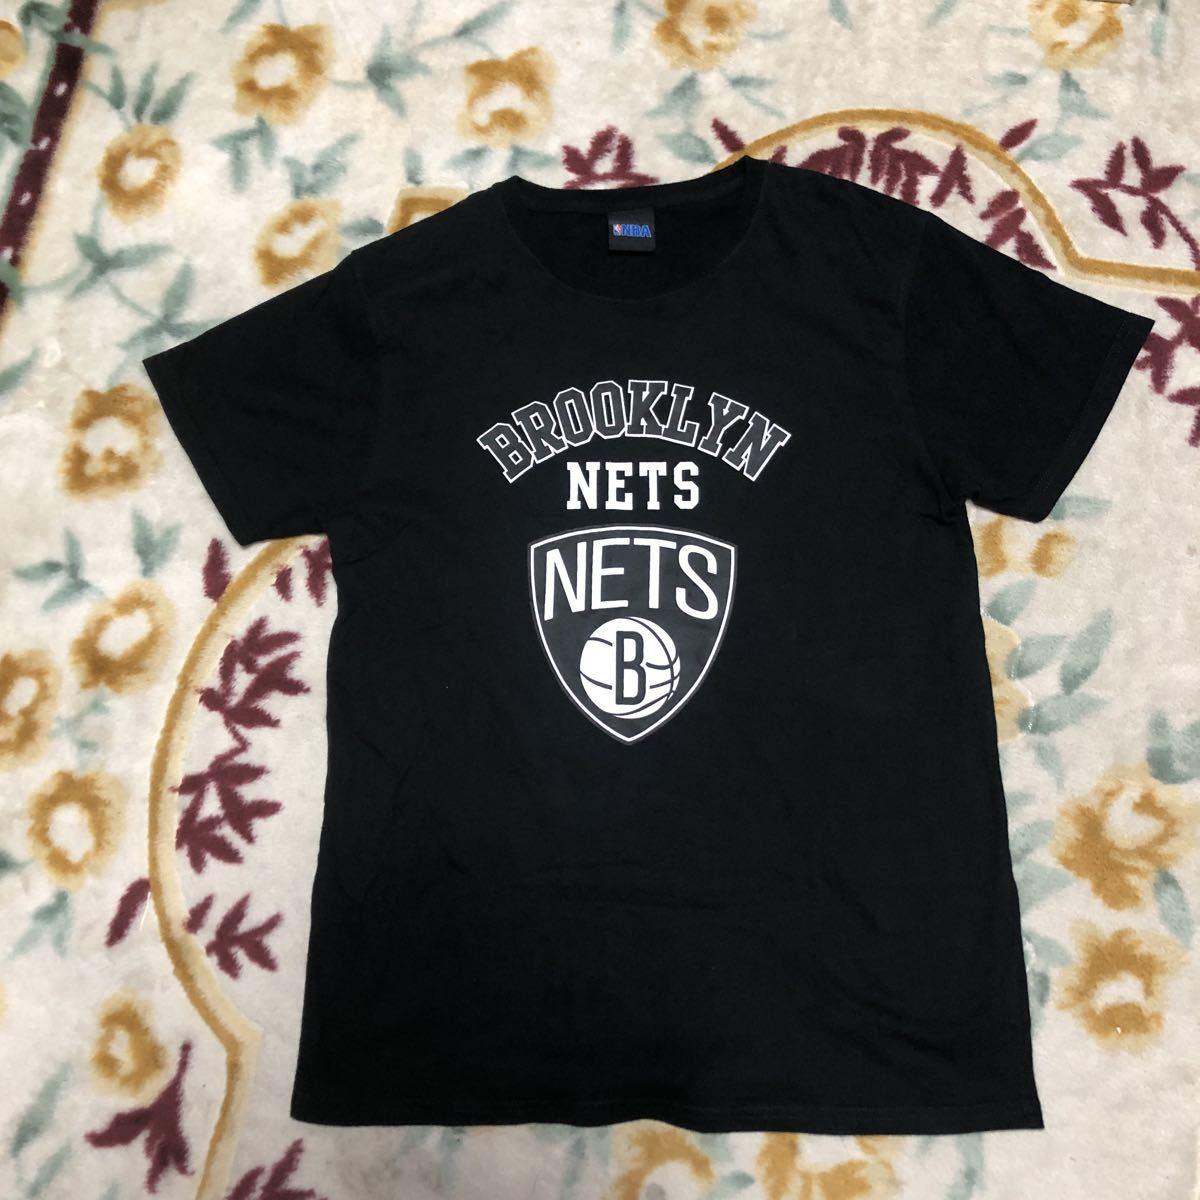 NBA Brooklyn Nets ブルックリン ネッツ Tシャツ メンズサイズM-L